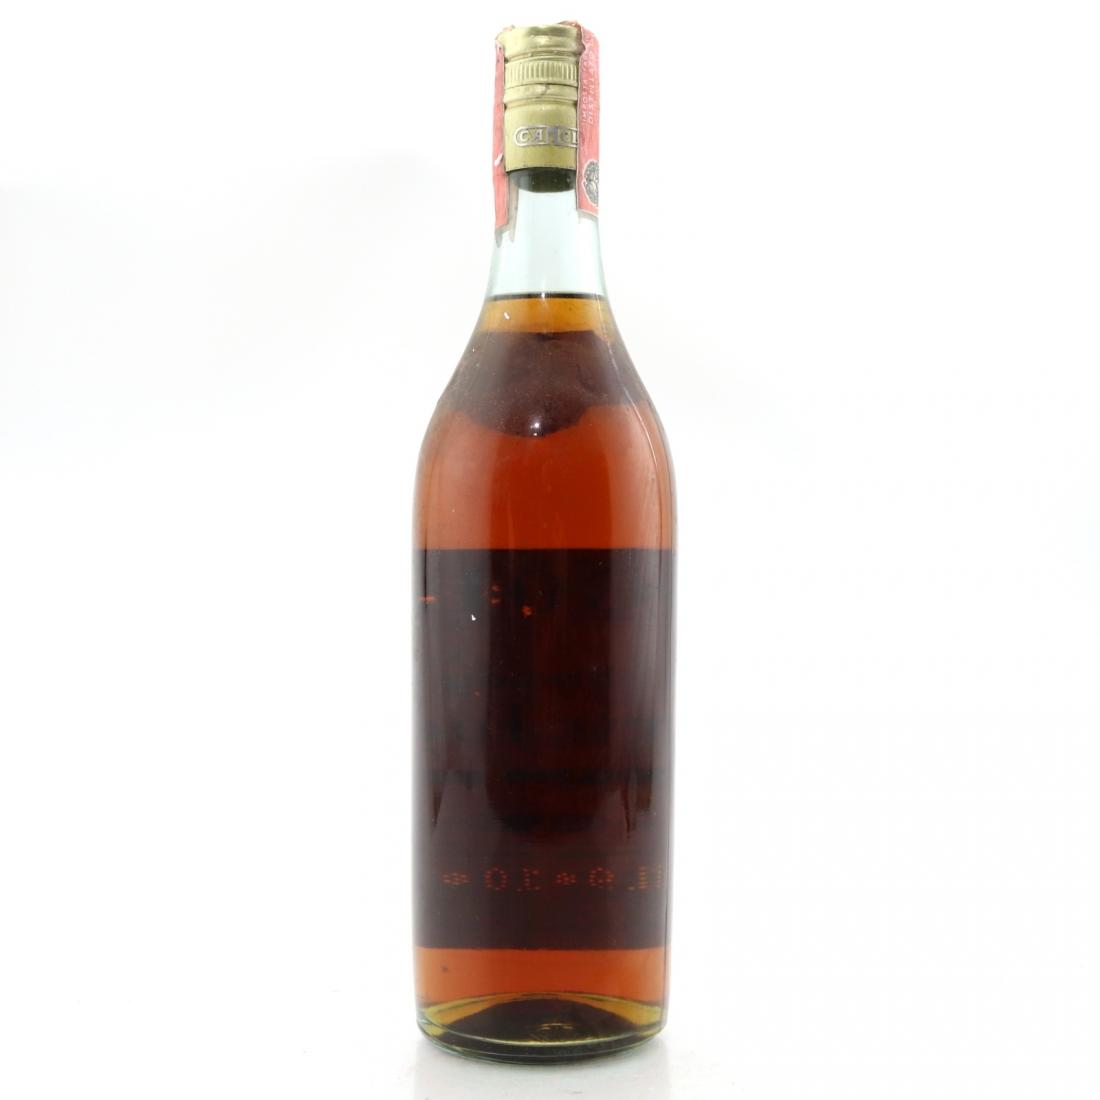 Fogolar 1945 Bollino Oro VSOP Brandy 1960s